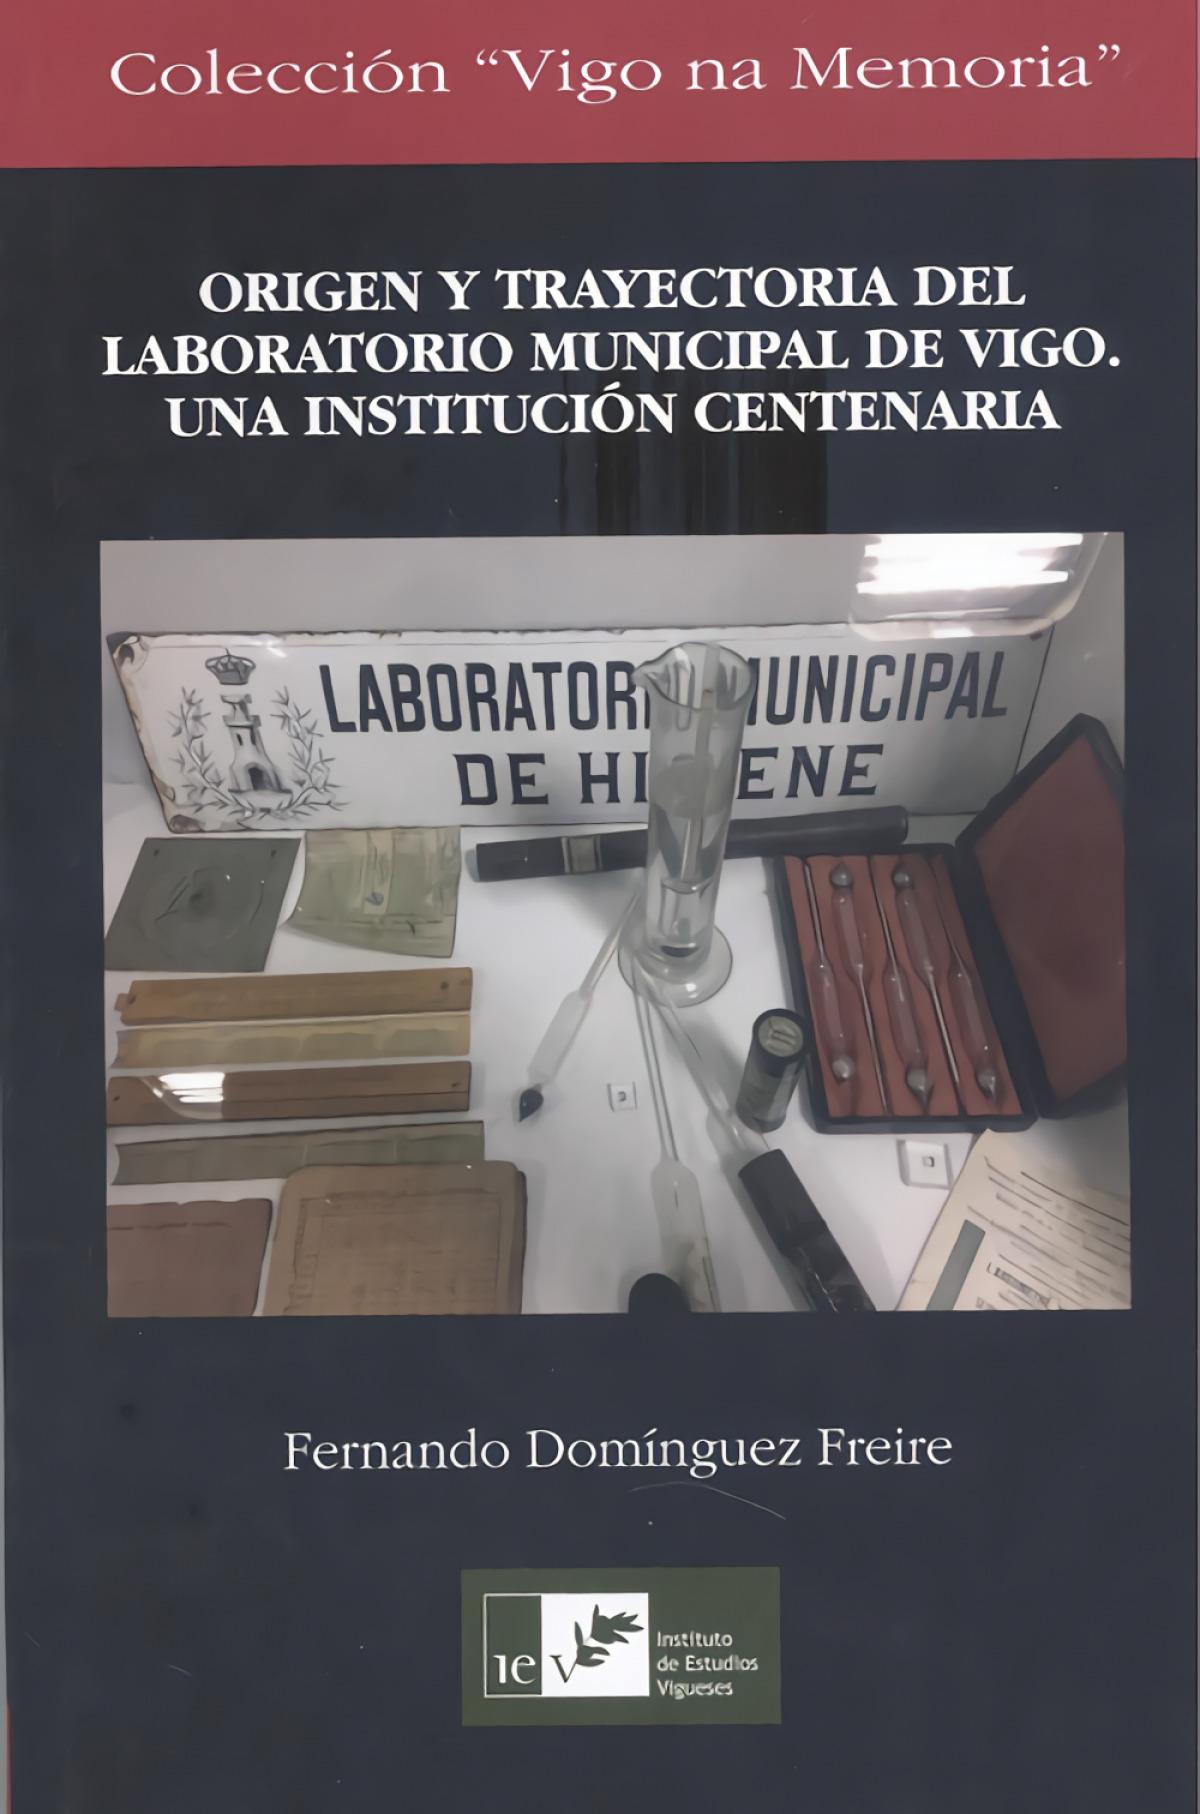 ORIGEN Y TRAYECTORIA DEL LABORATORIO MUNICIPAL DE VIGO